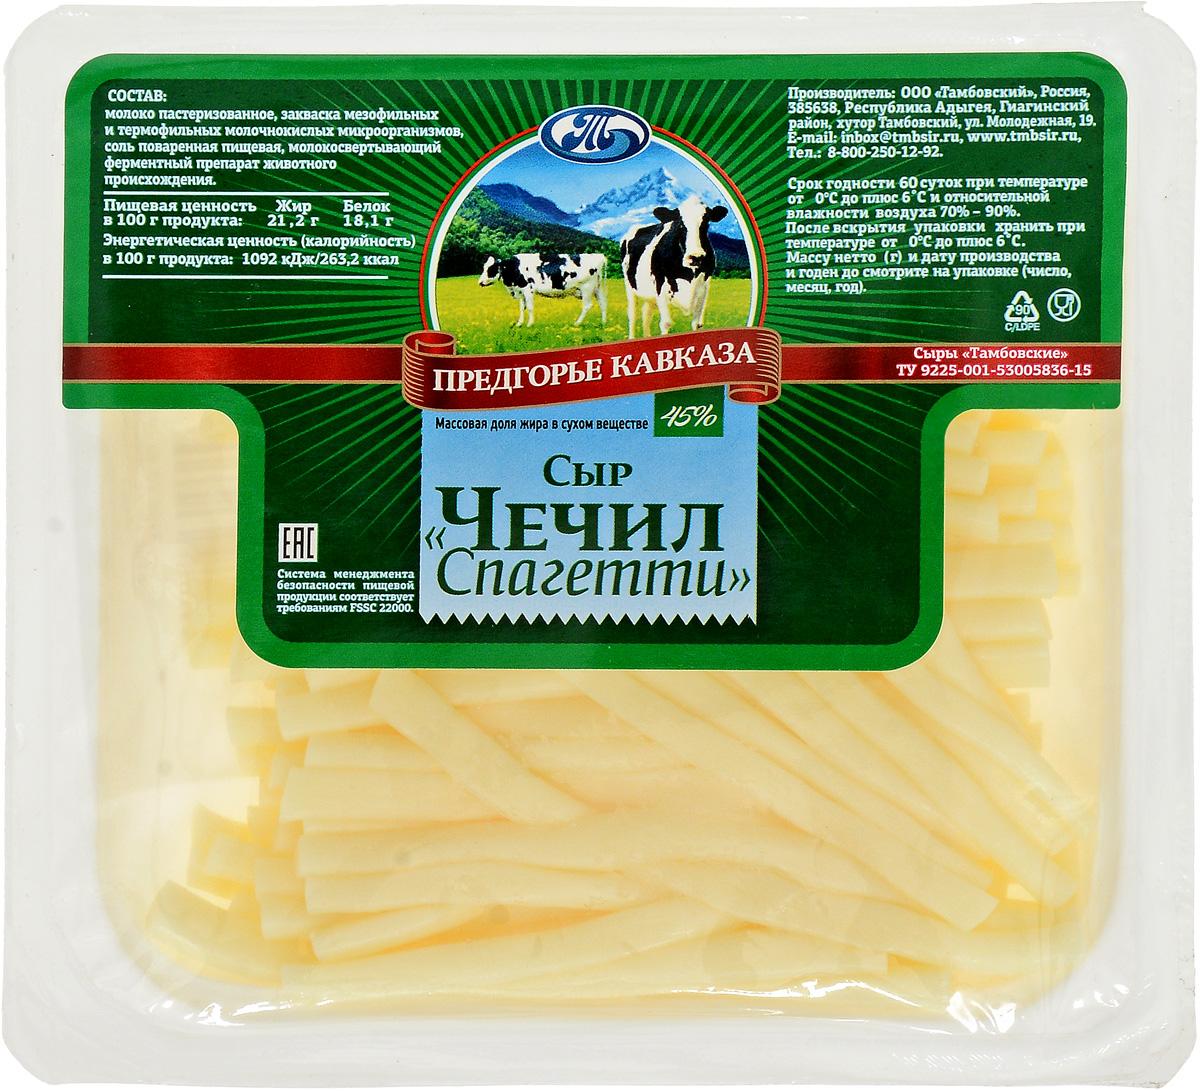 Предгорье Кавказа Сыр Чечил, 45%, спагетти, 110 г maltagliati spaghetti спагетти макароны 500 г